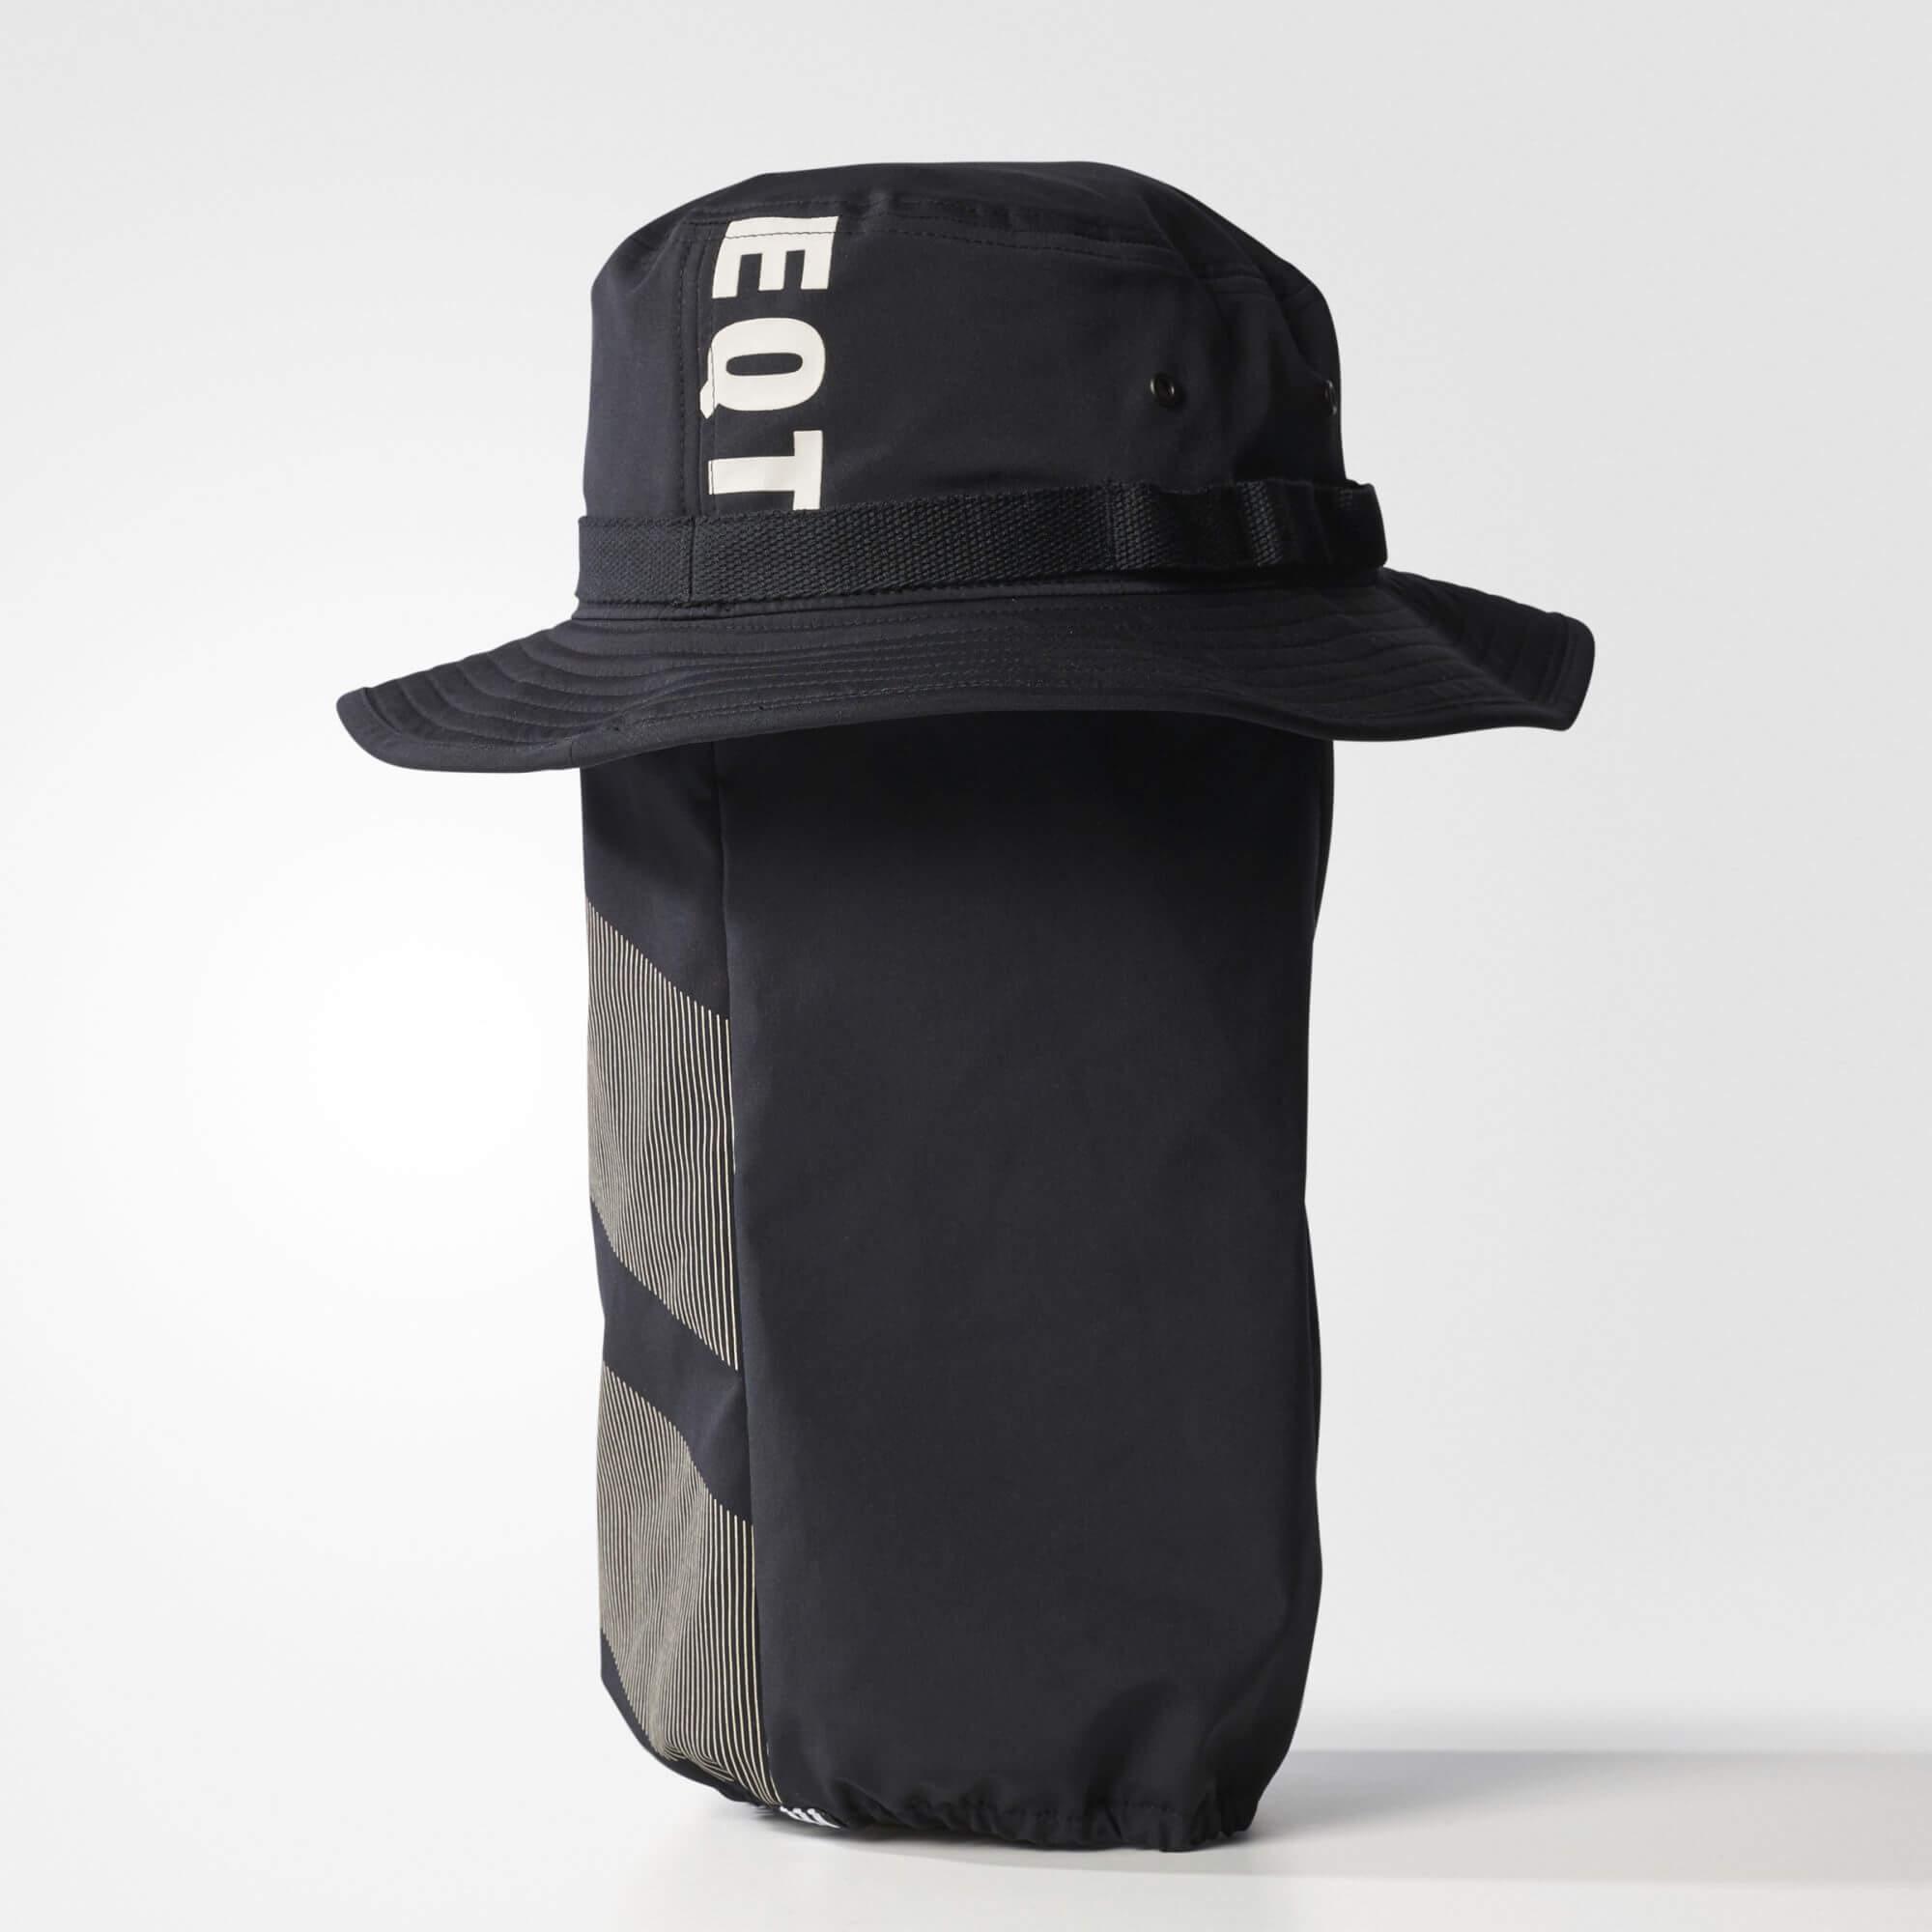 El gorro definitivo  Adidas EQT Boonie • Urban Club Magazine 1b93d9802a1